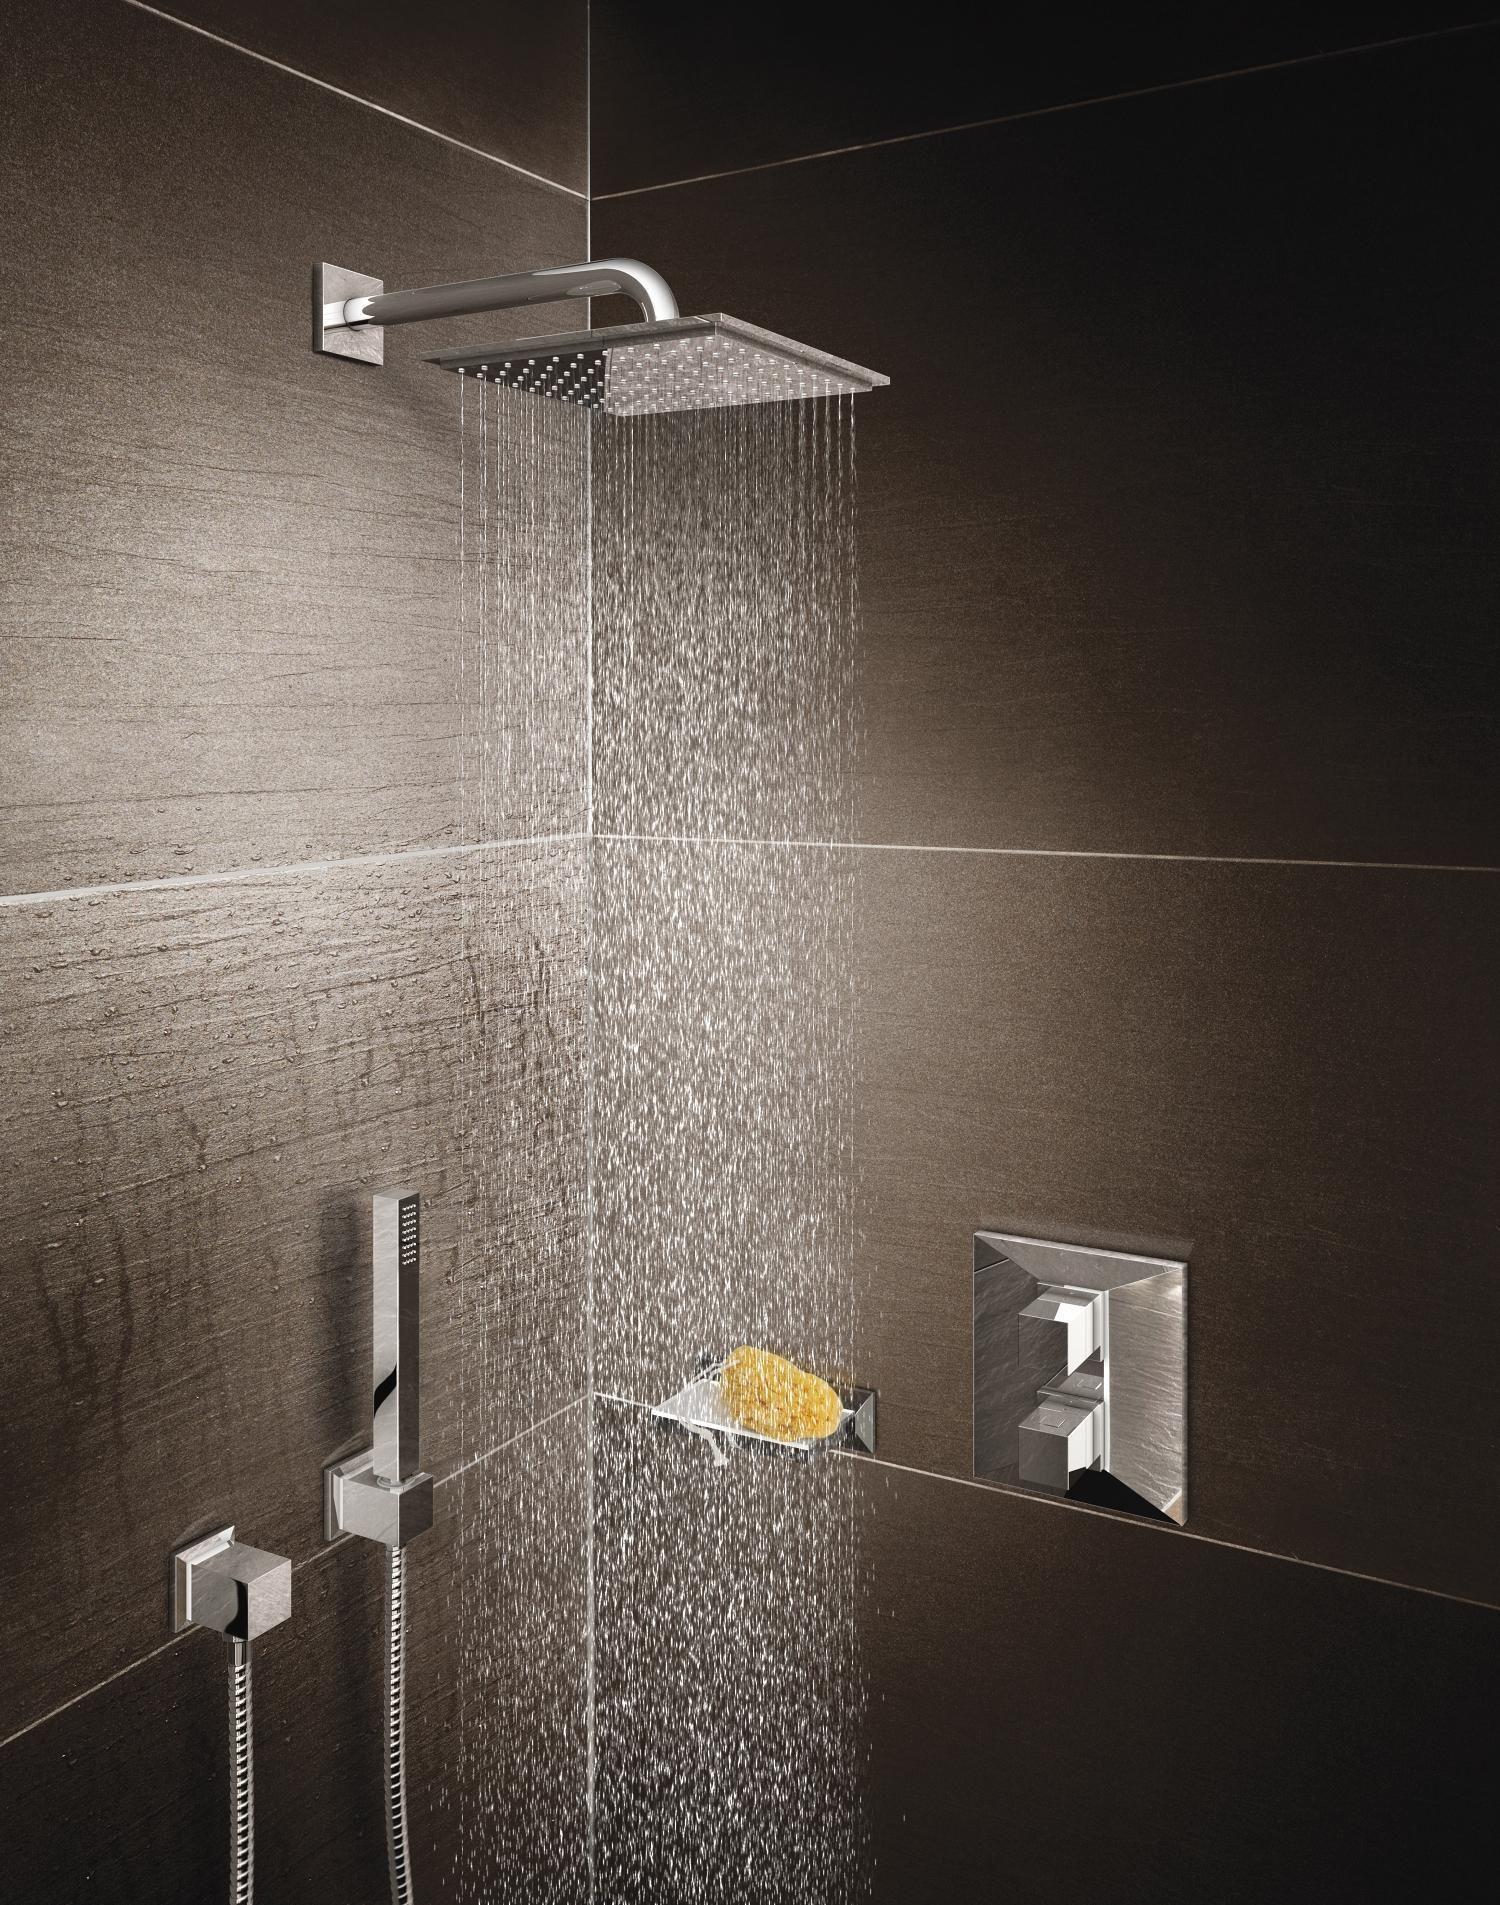 Finde Jetzt Dein Traumbad Wertvolle Tipps Von Der Planung Bis Zur Umsetzung Mit Bildern Armaturen Bad Duschkopf Badezimmer Wasserhahn